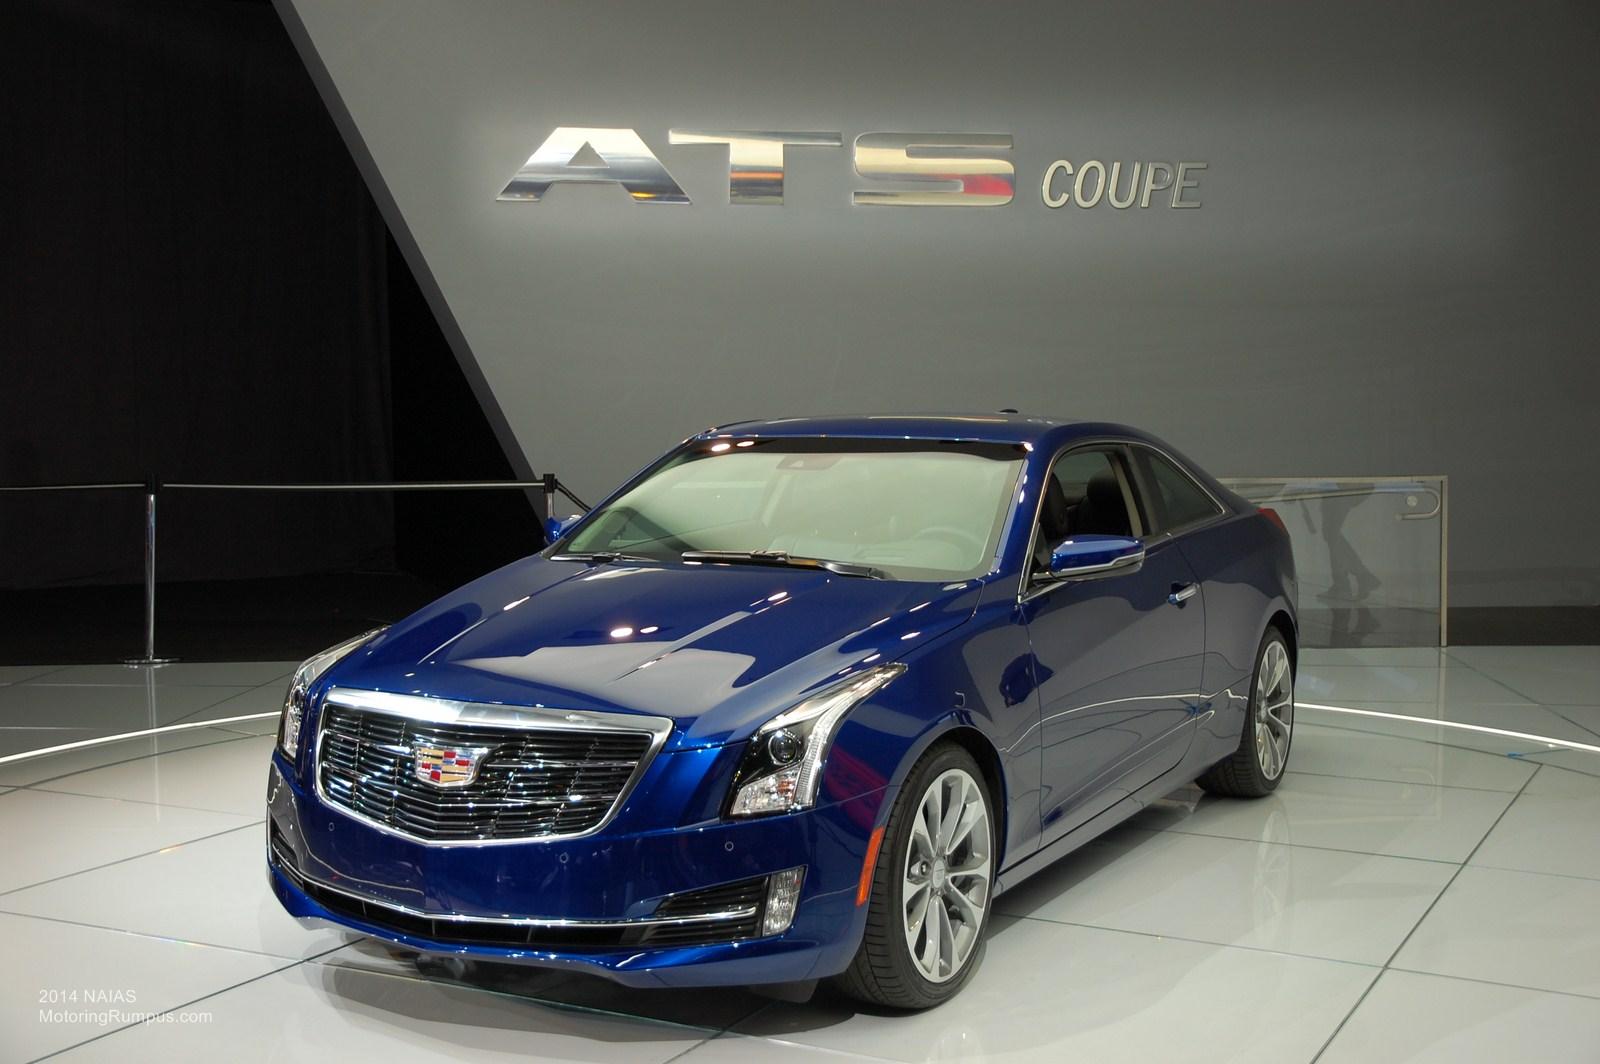 2014 NAIAS Cadillac ATS Coupe